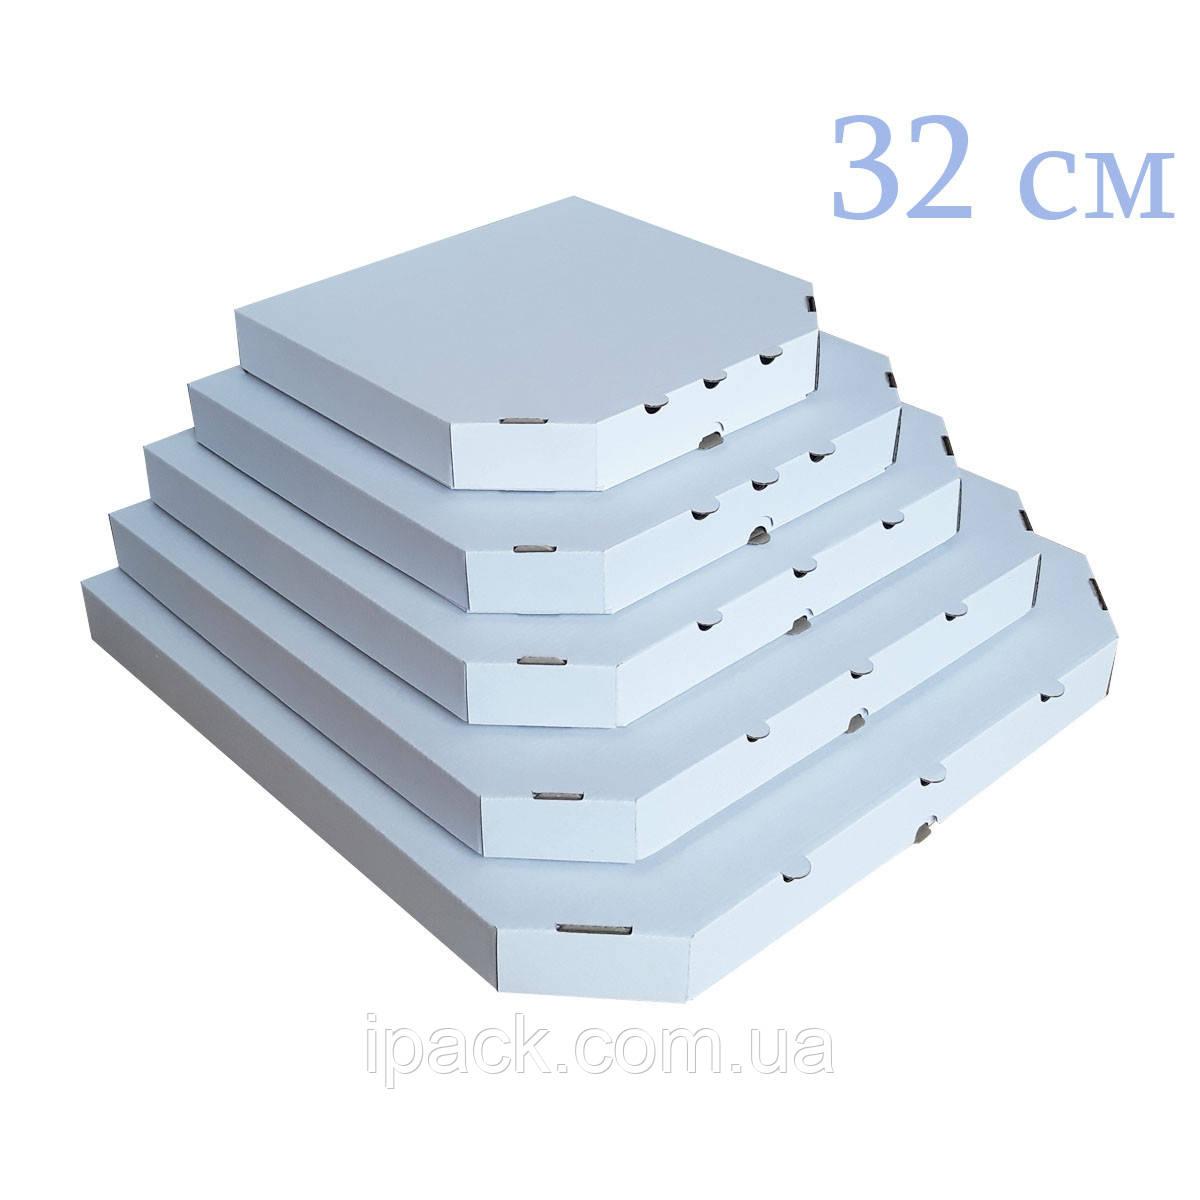 Коробка для пиццы, 32 см белая, 320*320*35, мм